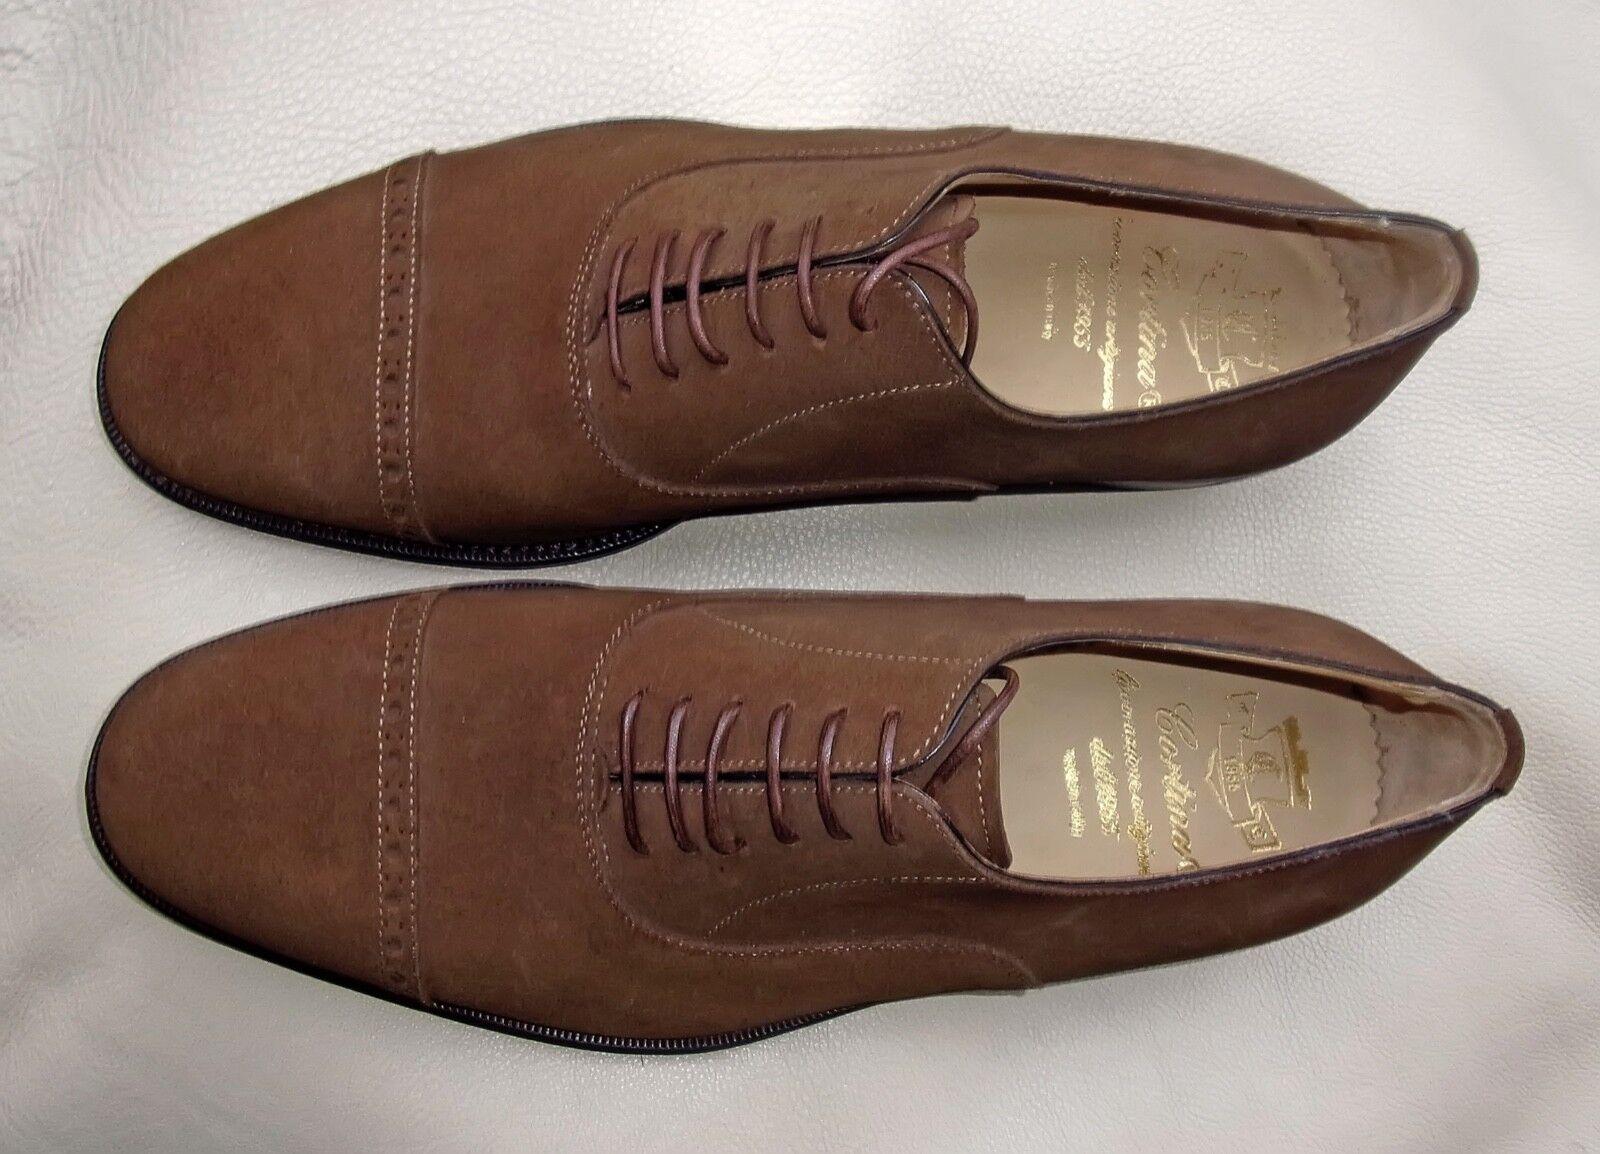 Cortina Italia Oxford Gamuza Marrón Hombres Zapatos 9 EE. UU. 8  2 EU Nuevo